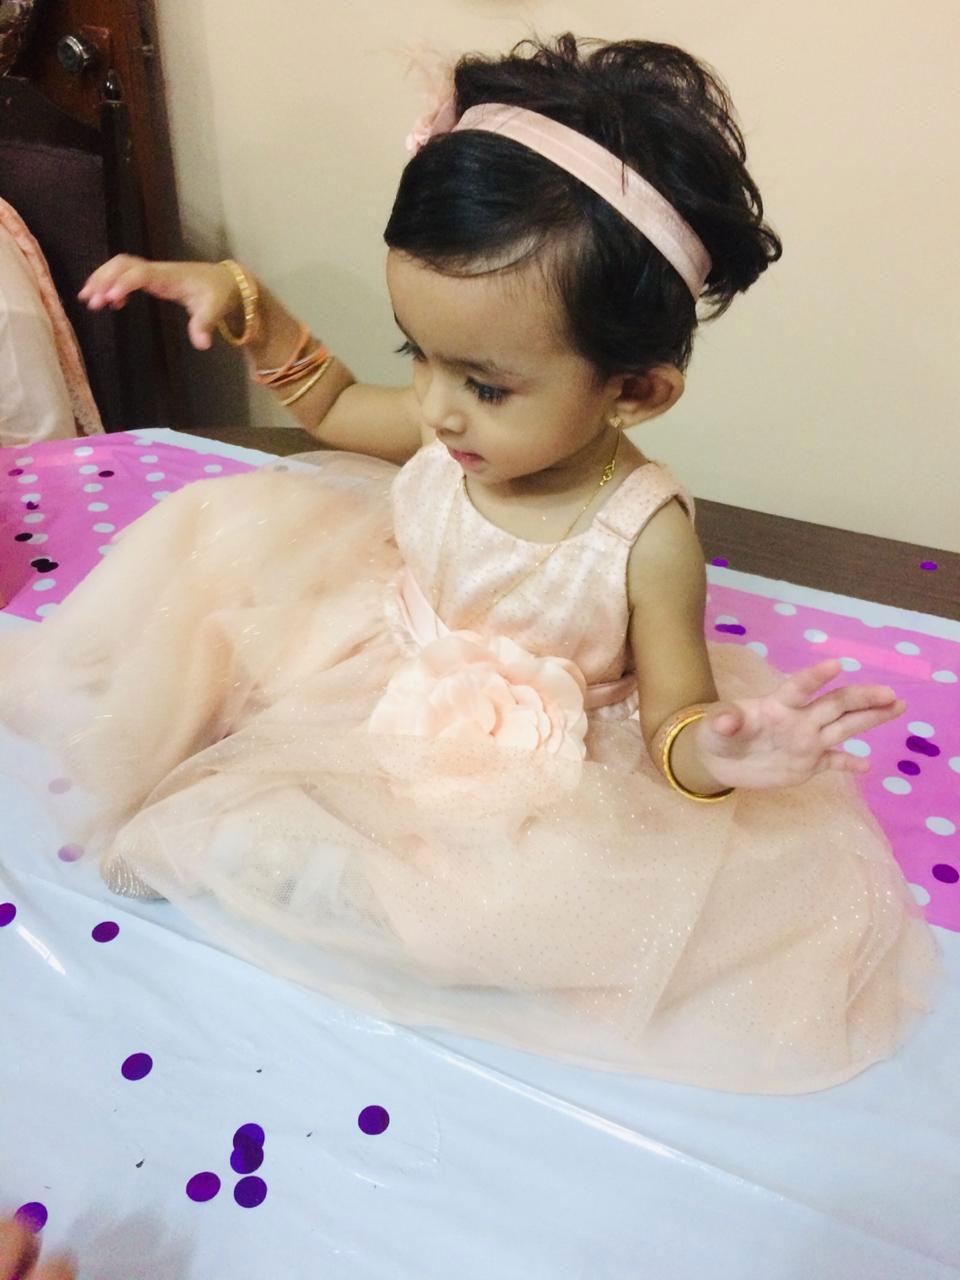 The birthday girl, Baby Ayra Khan.